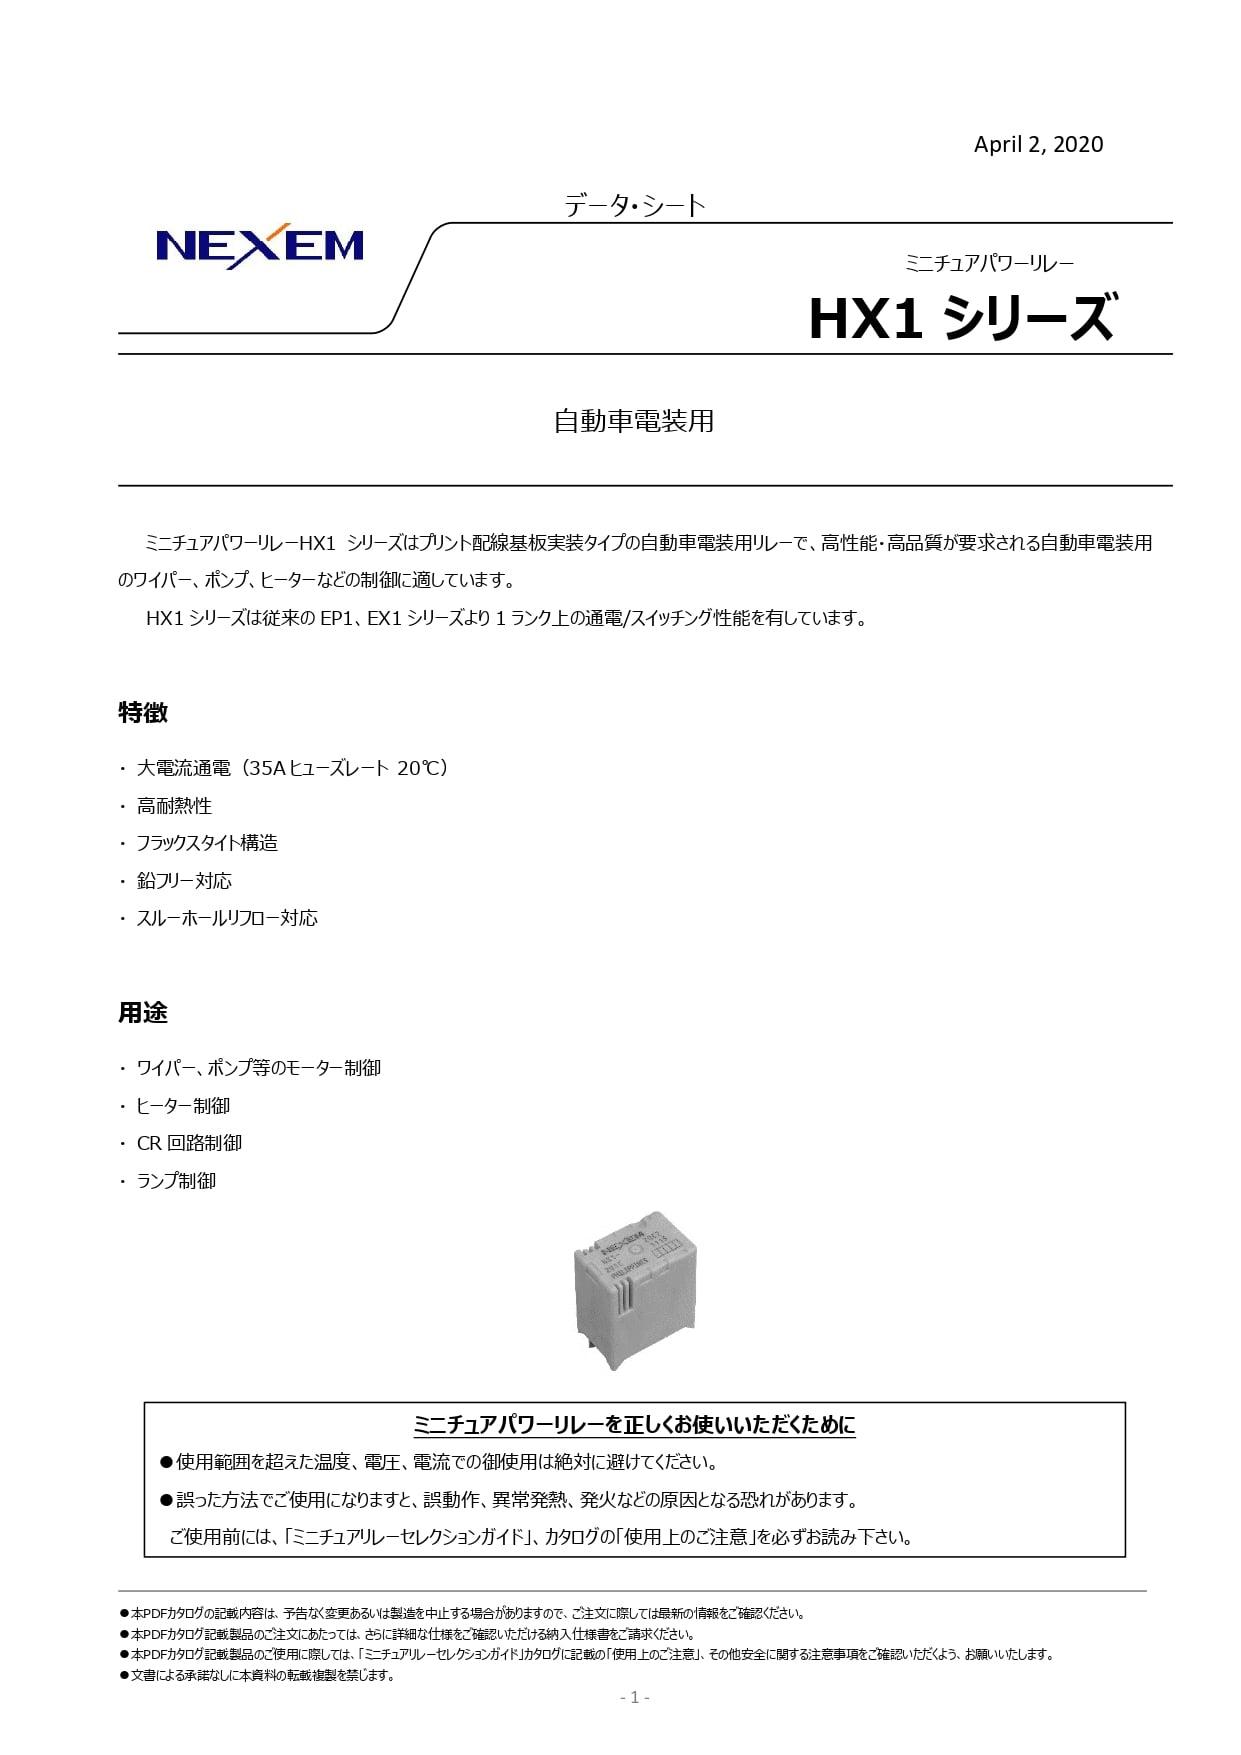 ミニチュアパワーリレーデータシート pdf画像